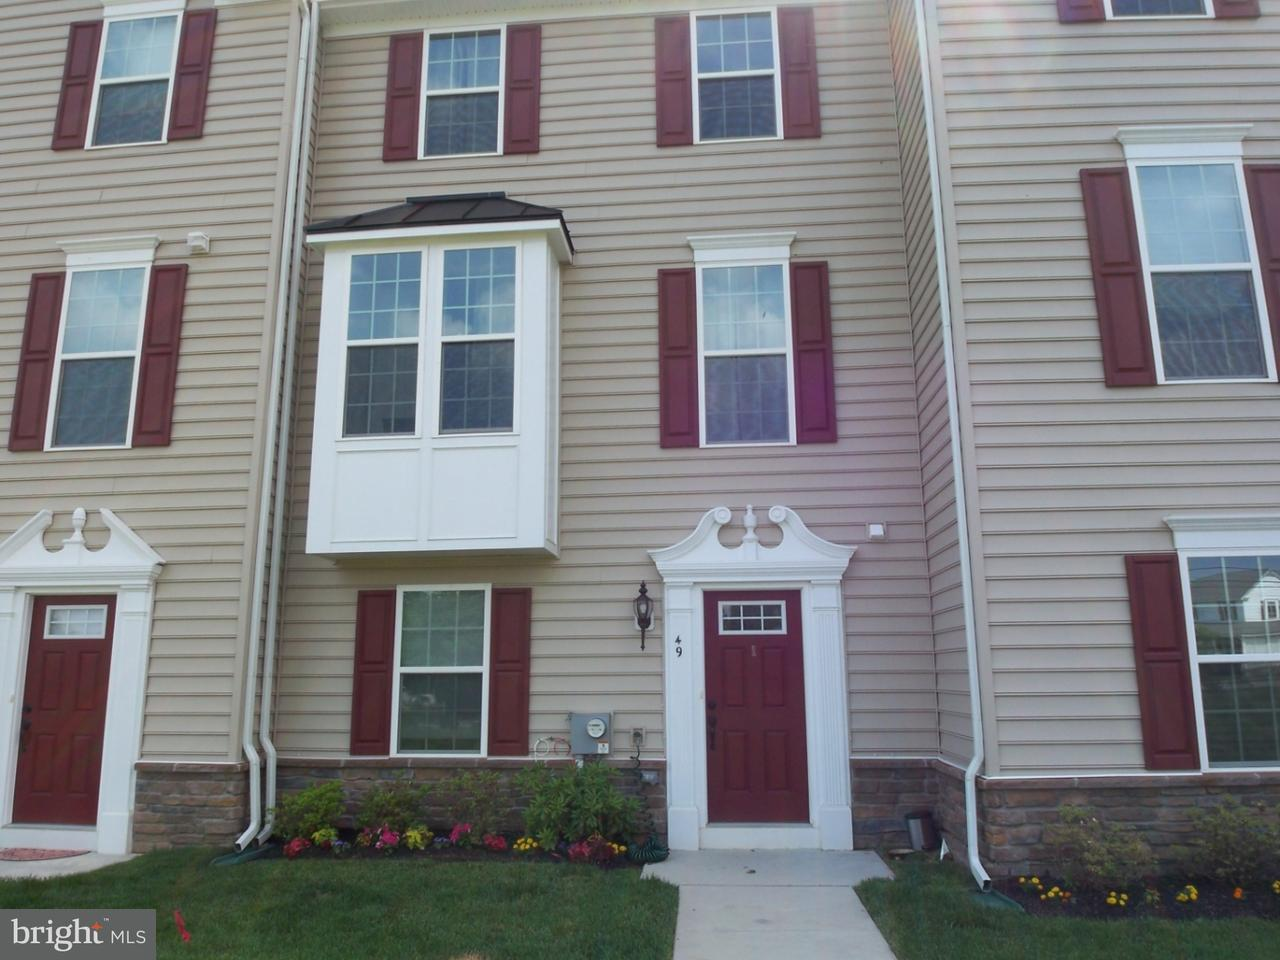 联栋屋 为 出租 在 49 MAFFET Lane 科茨威尔, 宾夕法尼亚州 19320 美国